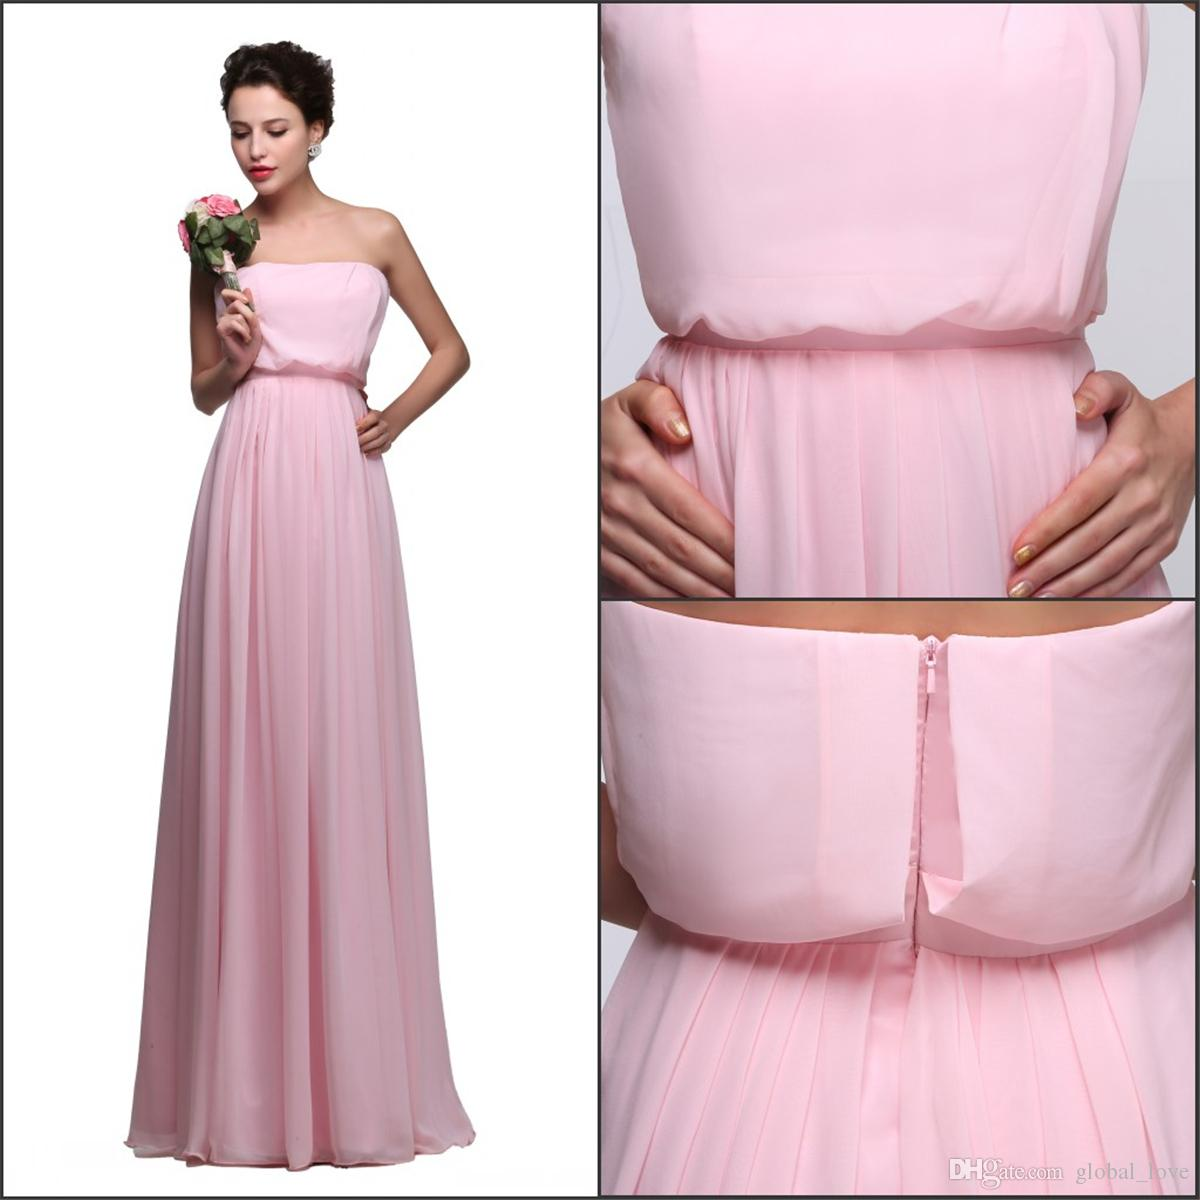 Lujoso Vestido De La Dama De Honor Inspirada Vendimia Ideas - Ideas ...